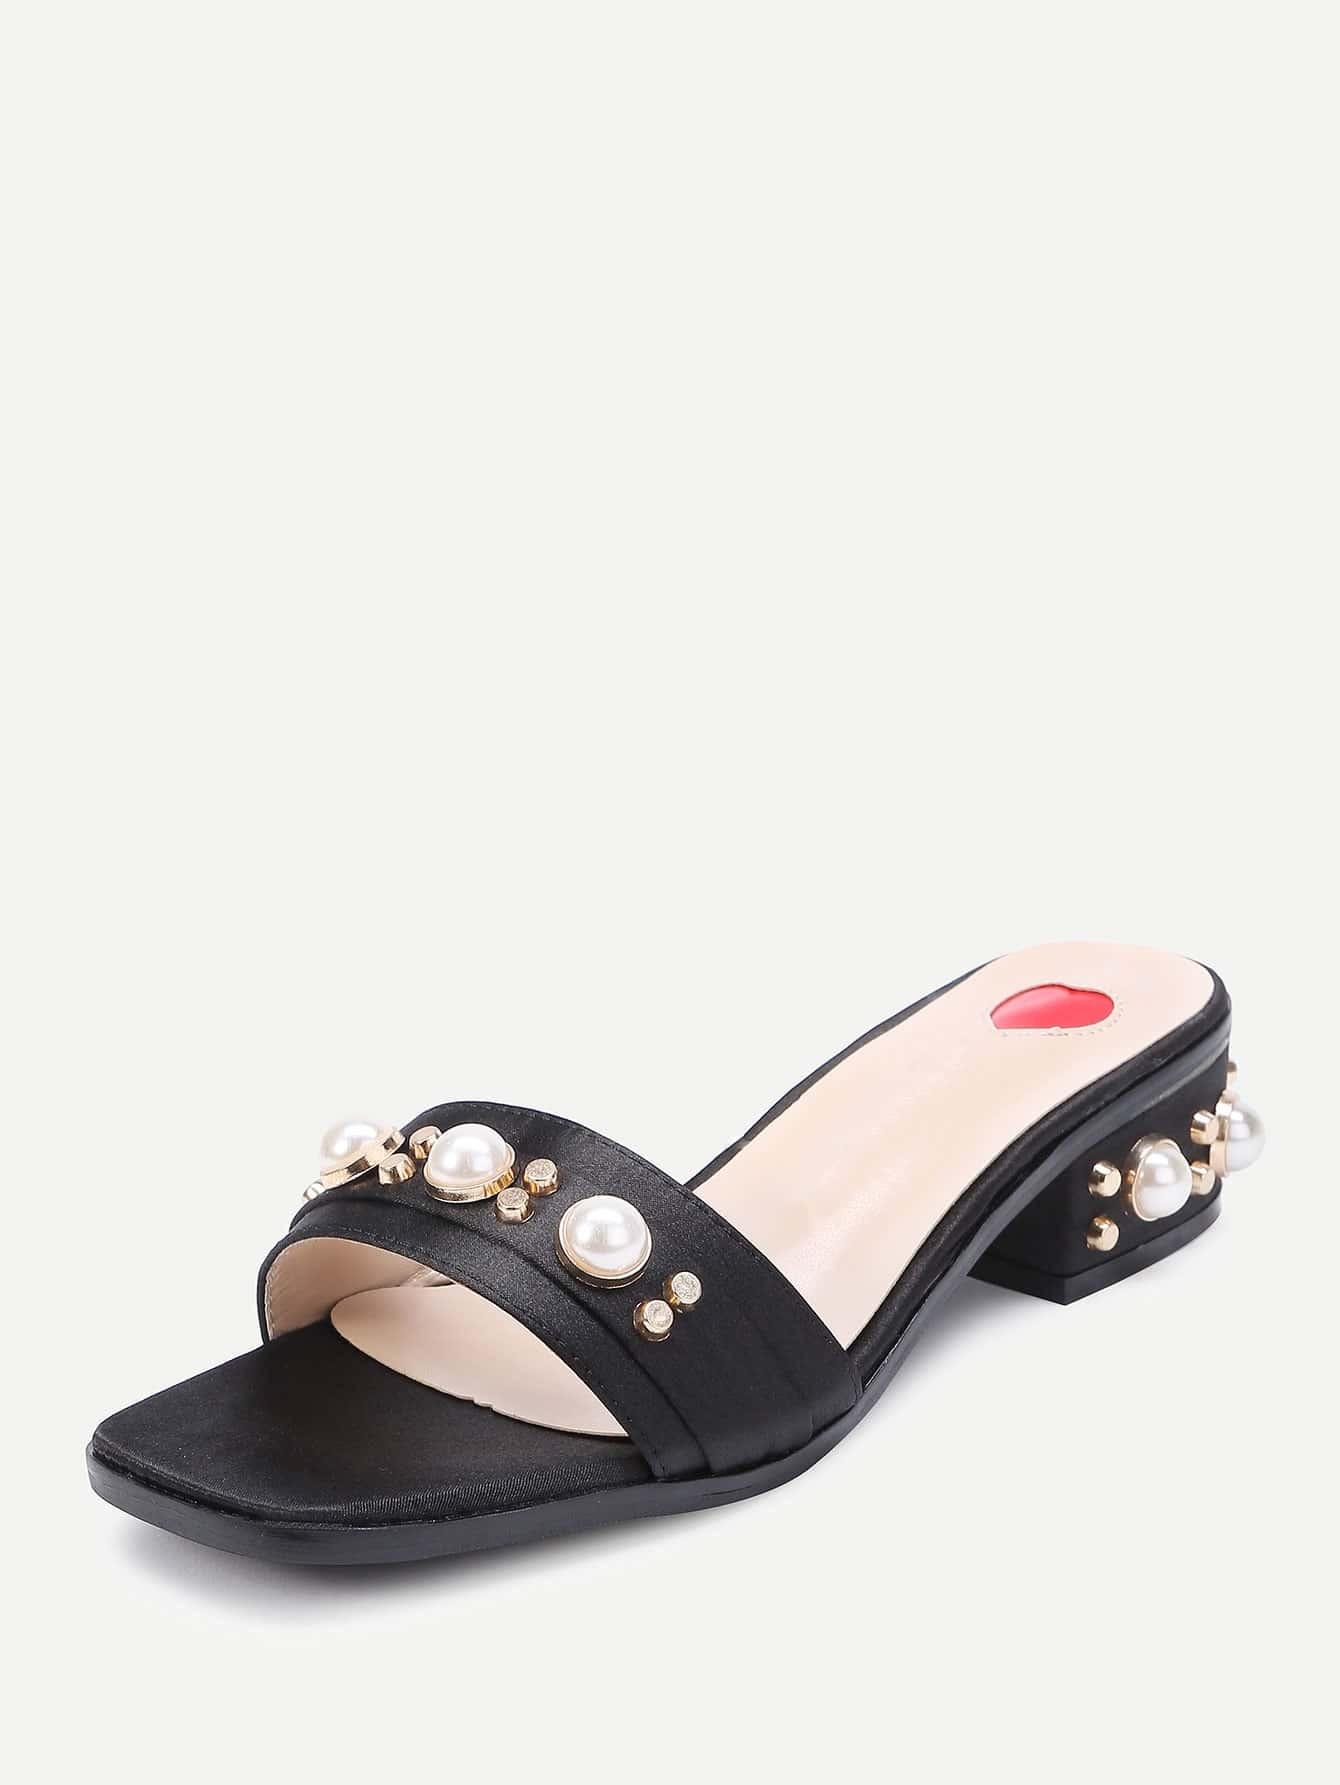 shoes170331809_2